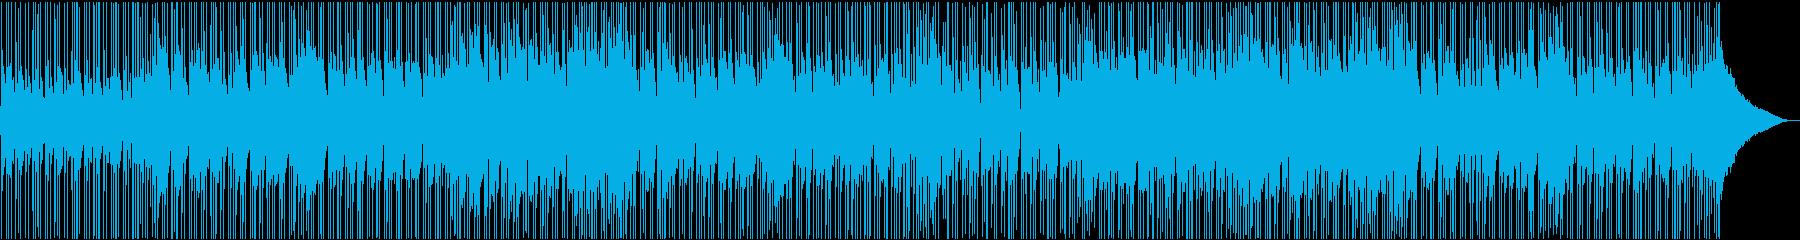 アコギ生演奏のポップで明るい映像用BGMの再生済みの波形